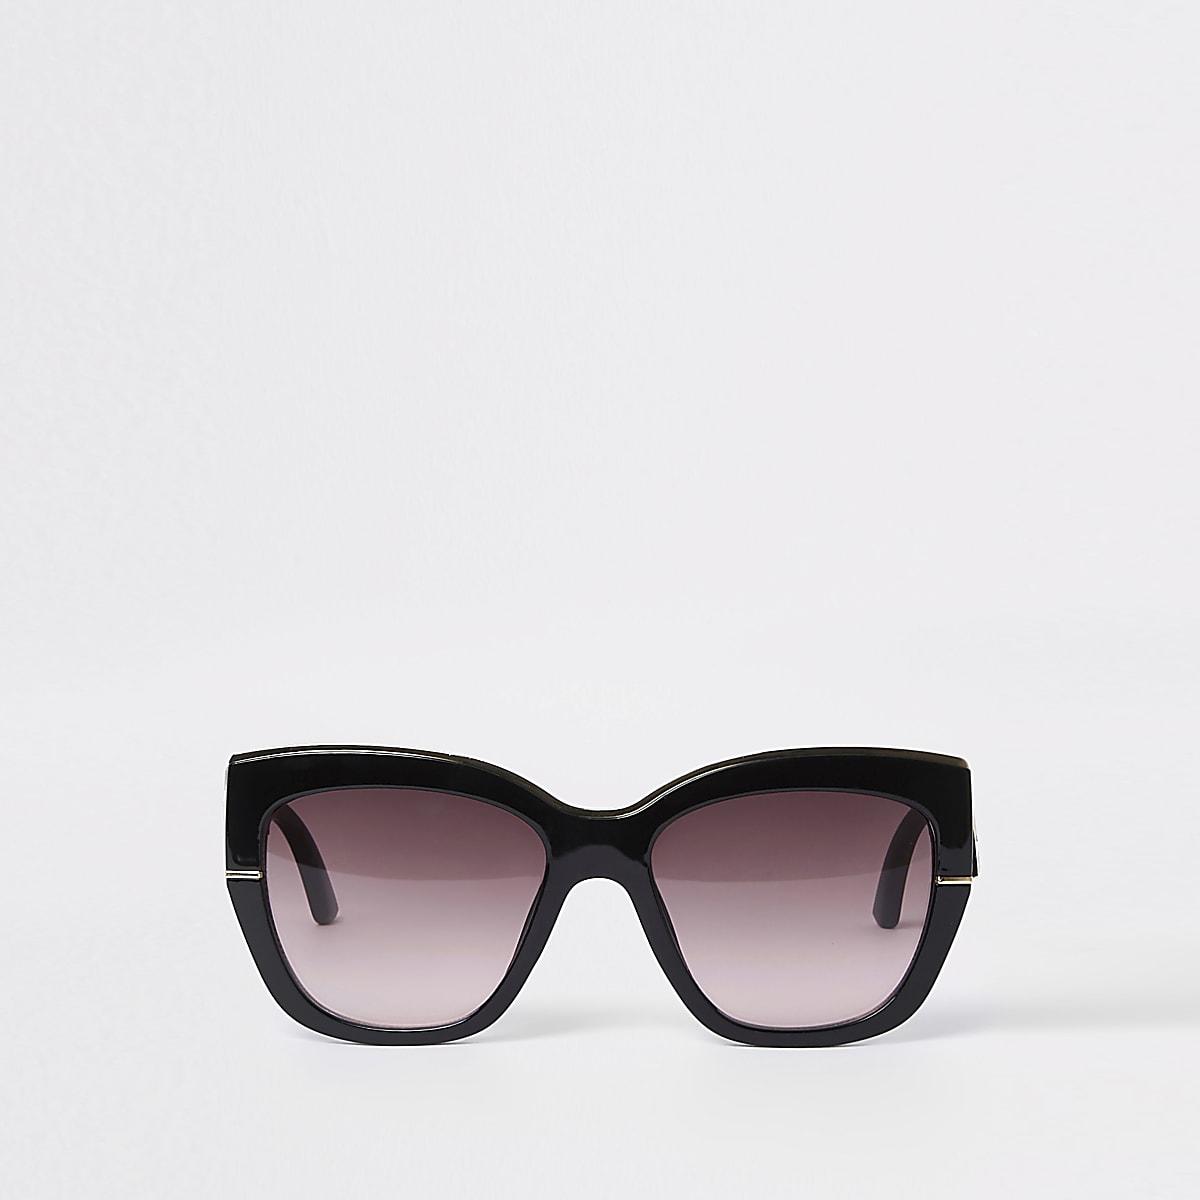 Zwarte glamour zonnebril met goudkleurige rand